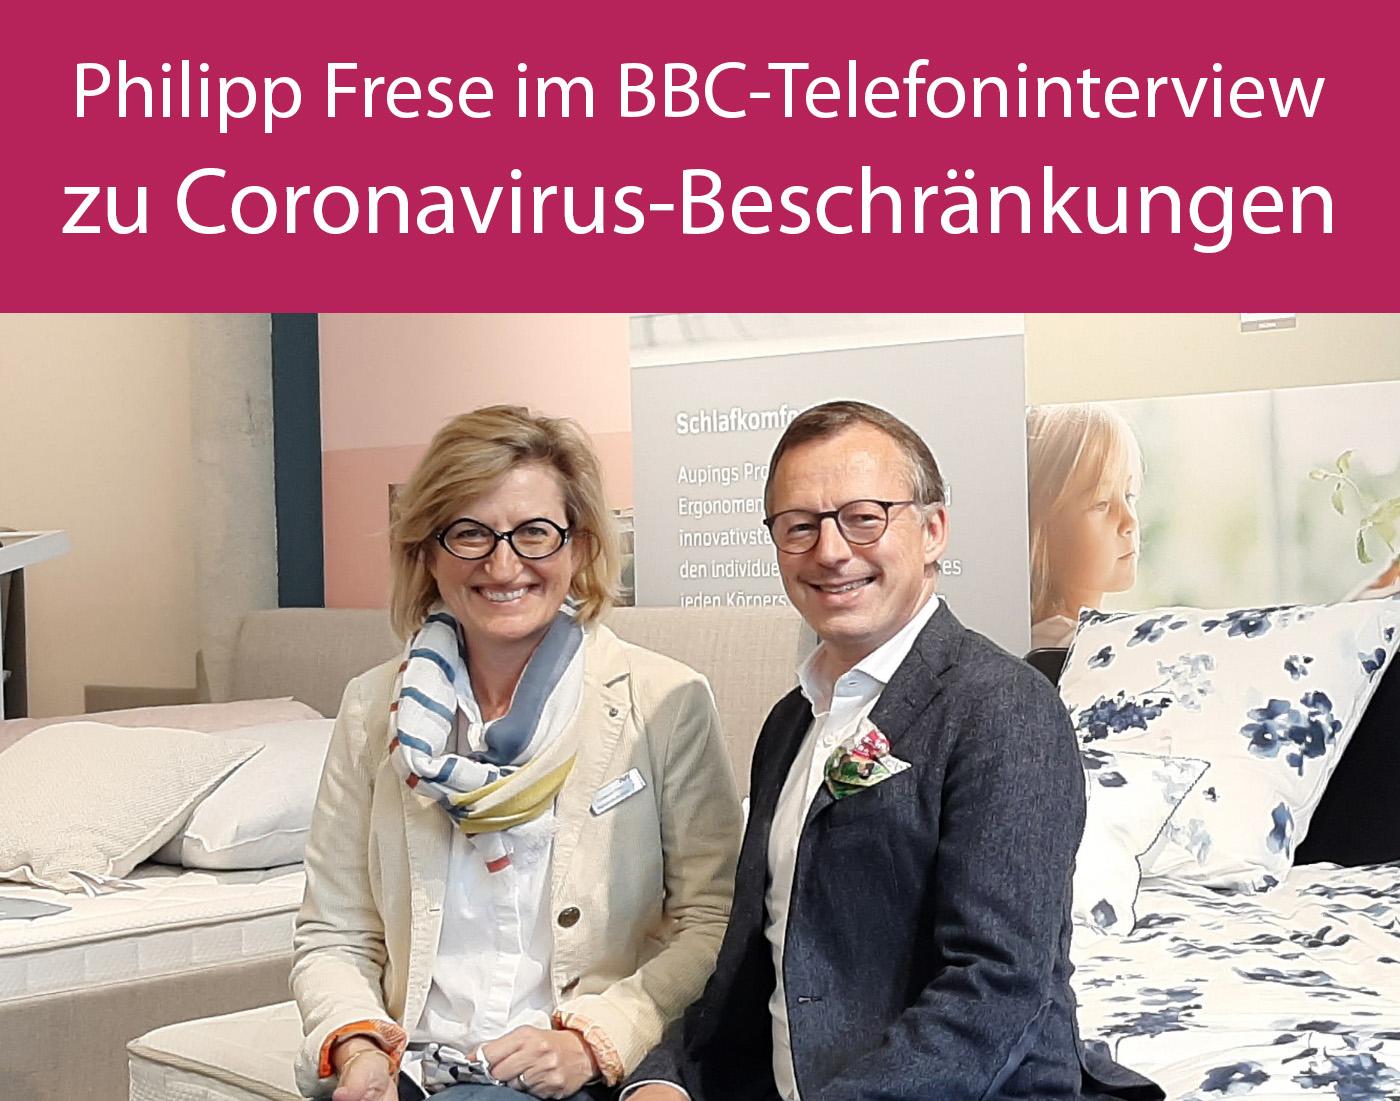 Philipp Frese im BBC-Telefoninterview zu Coronavirus-Beschränkungen